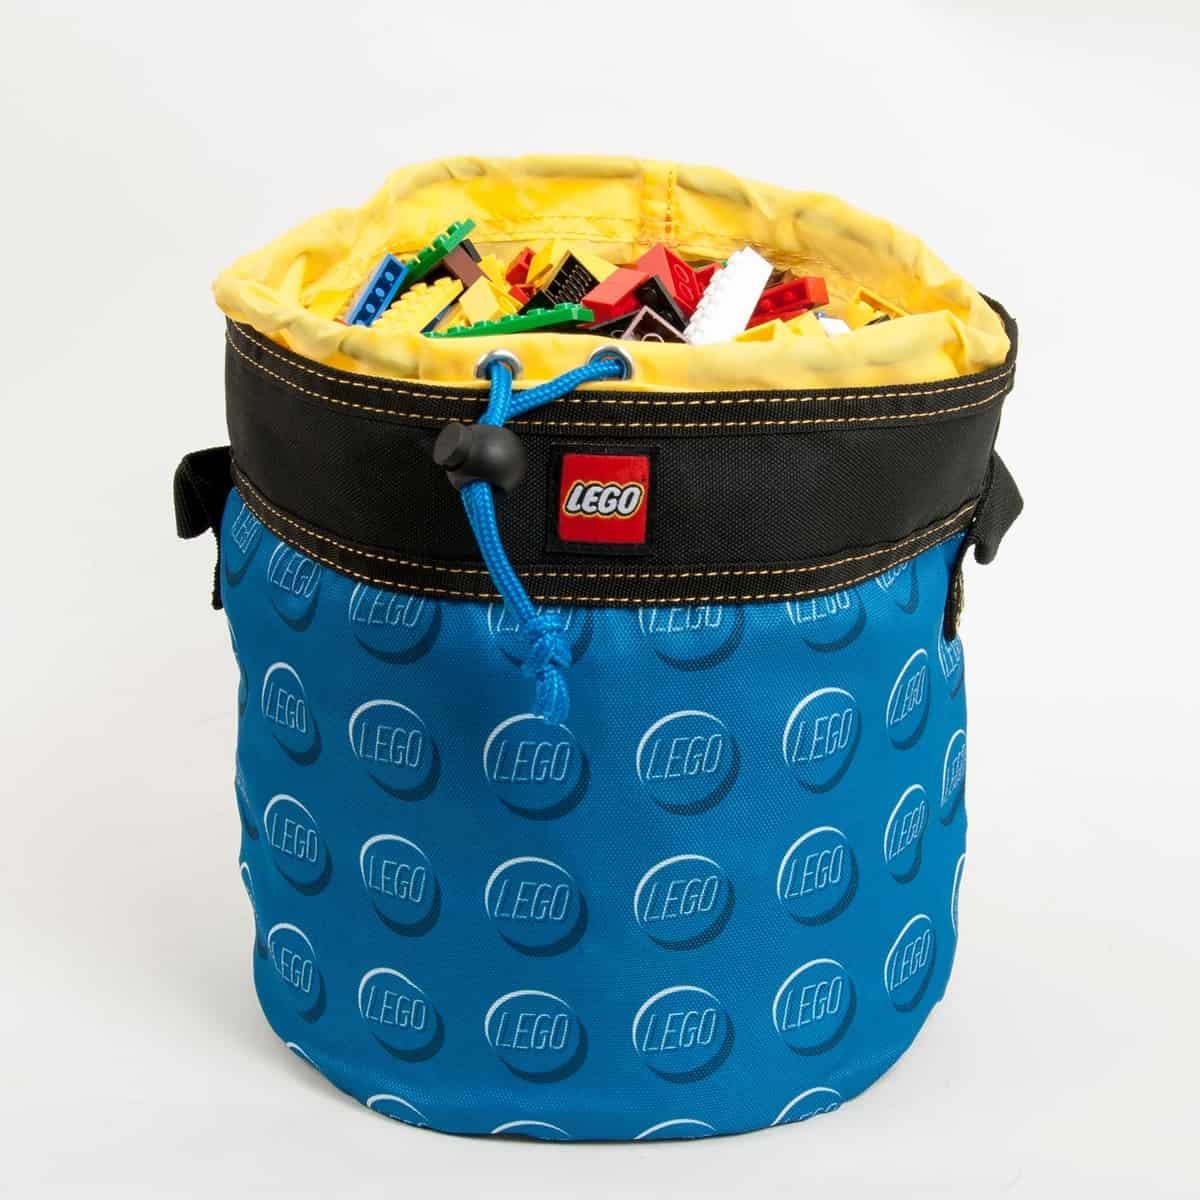 lego 5005352 blue cinch bucket